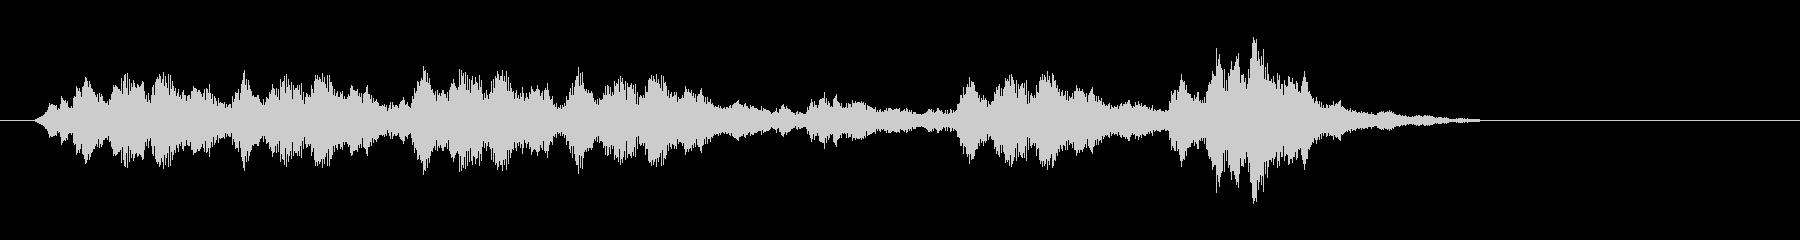 ハープ-ロングの未再生の波形